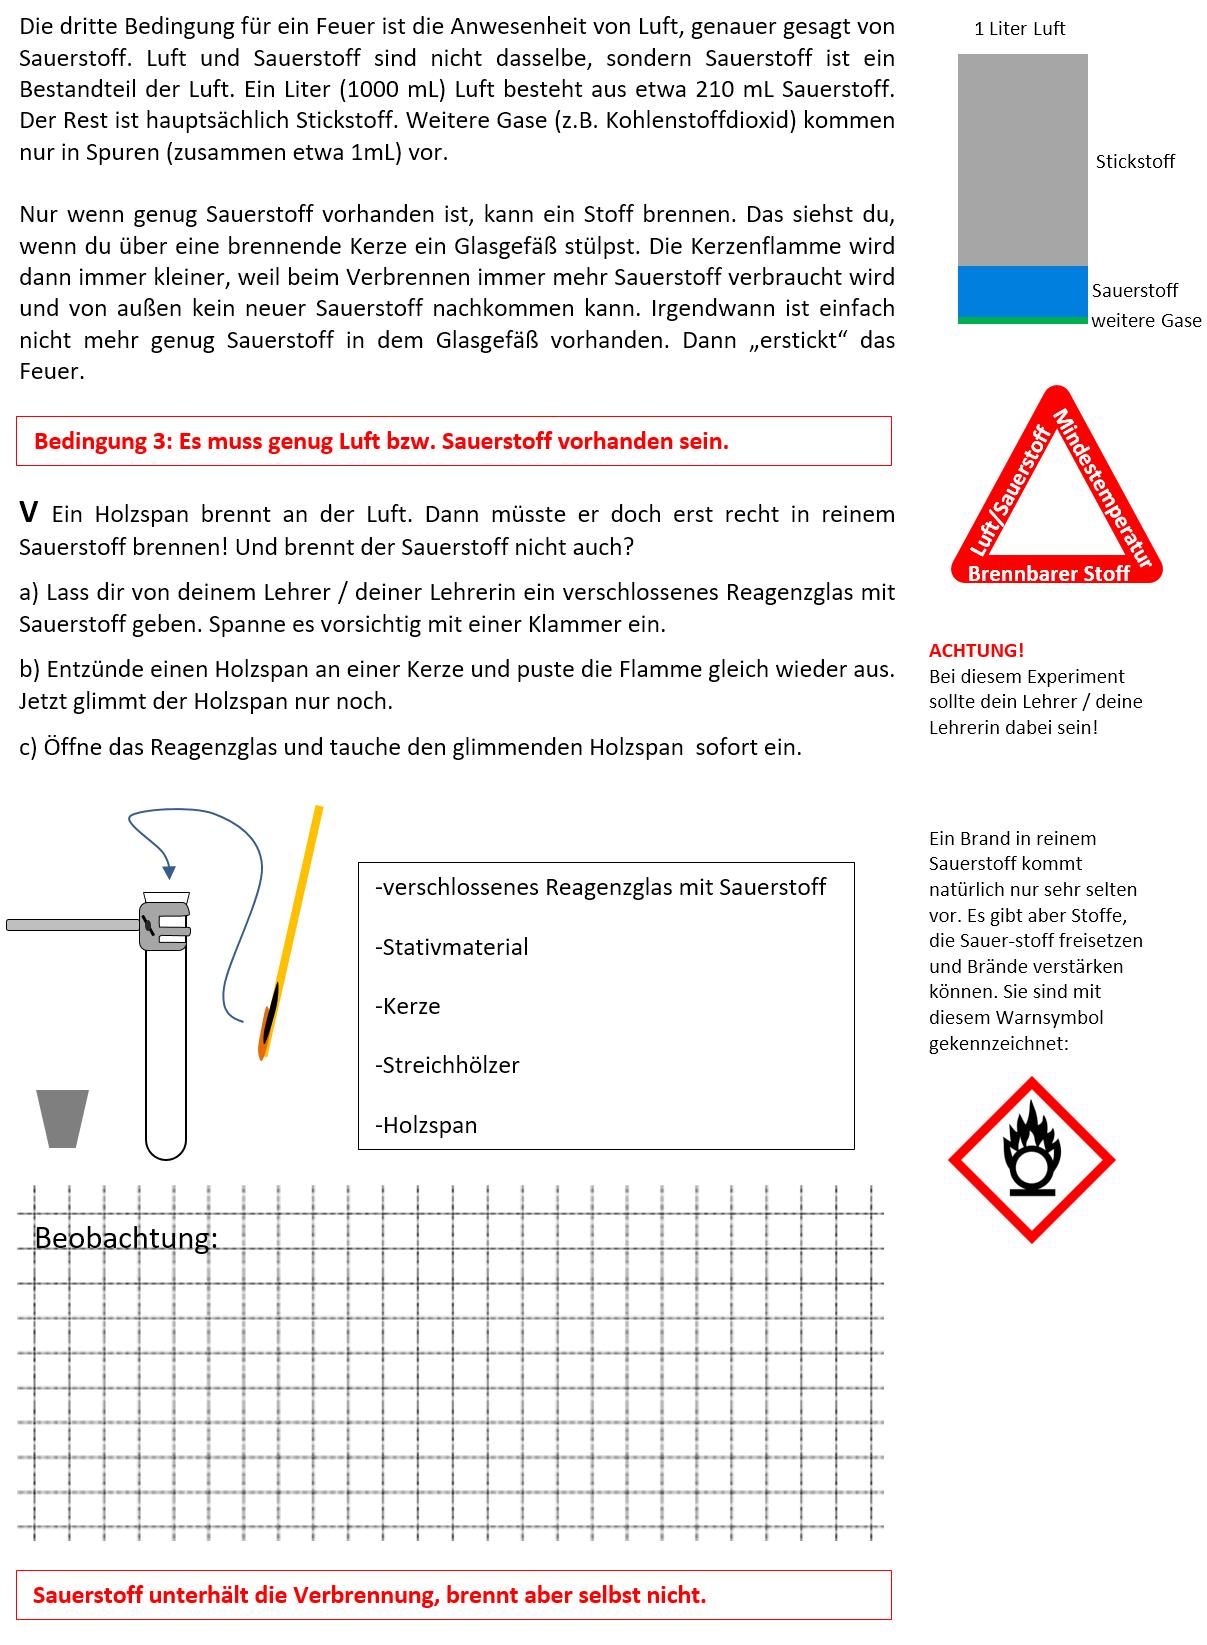 Wunderbar Eigenschaften Von Polygonen Arbeitsblatt Galerie - Mathe ...